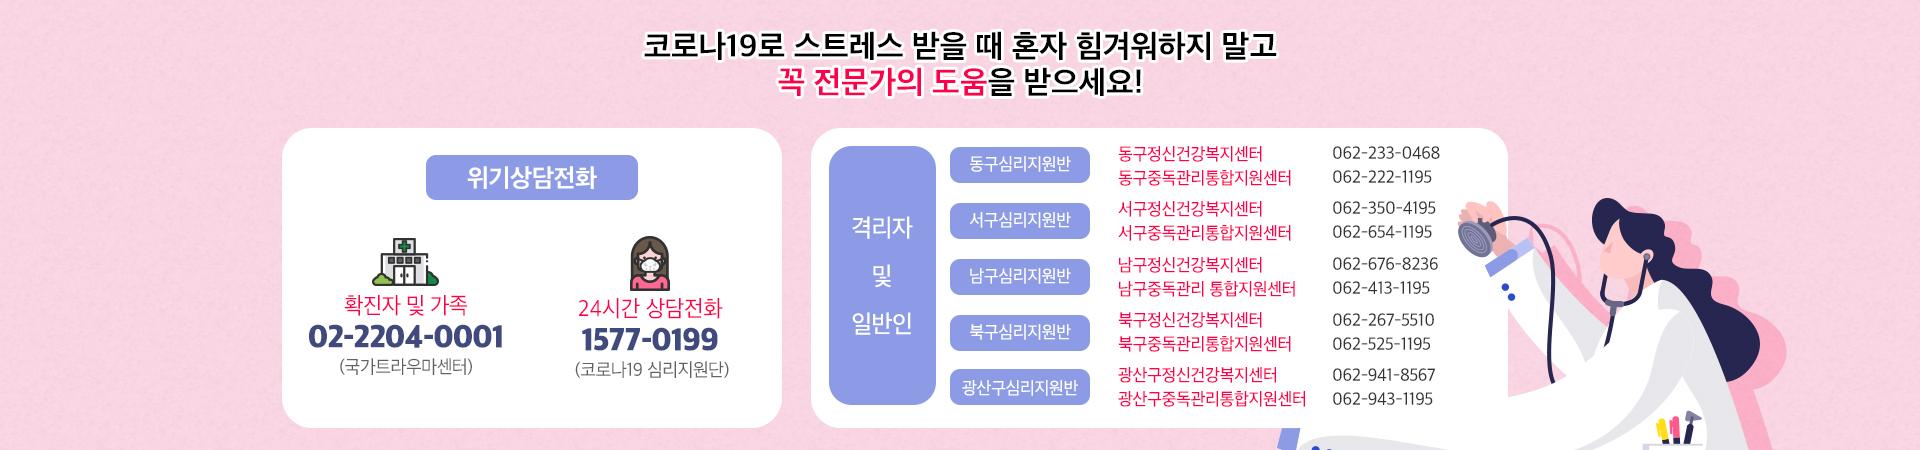 코로나카드뉴스_코로나19